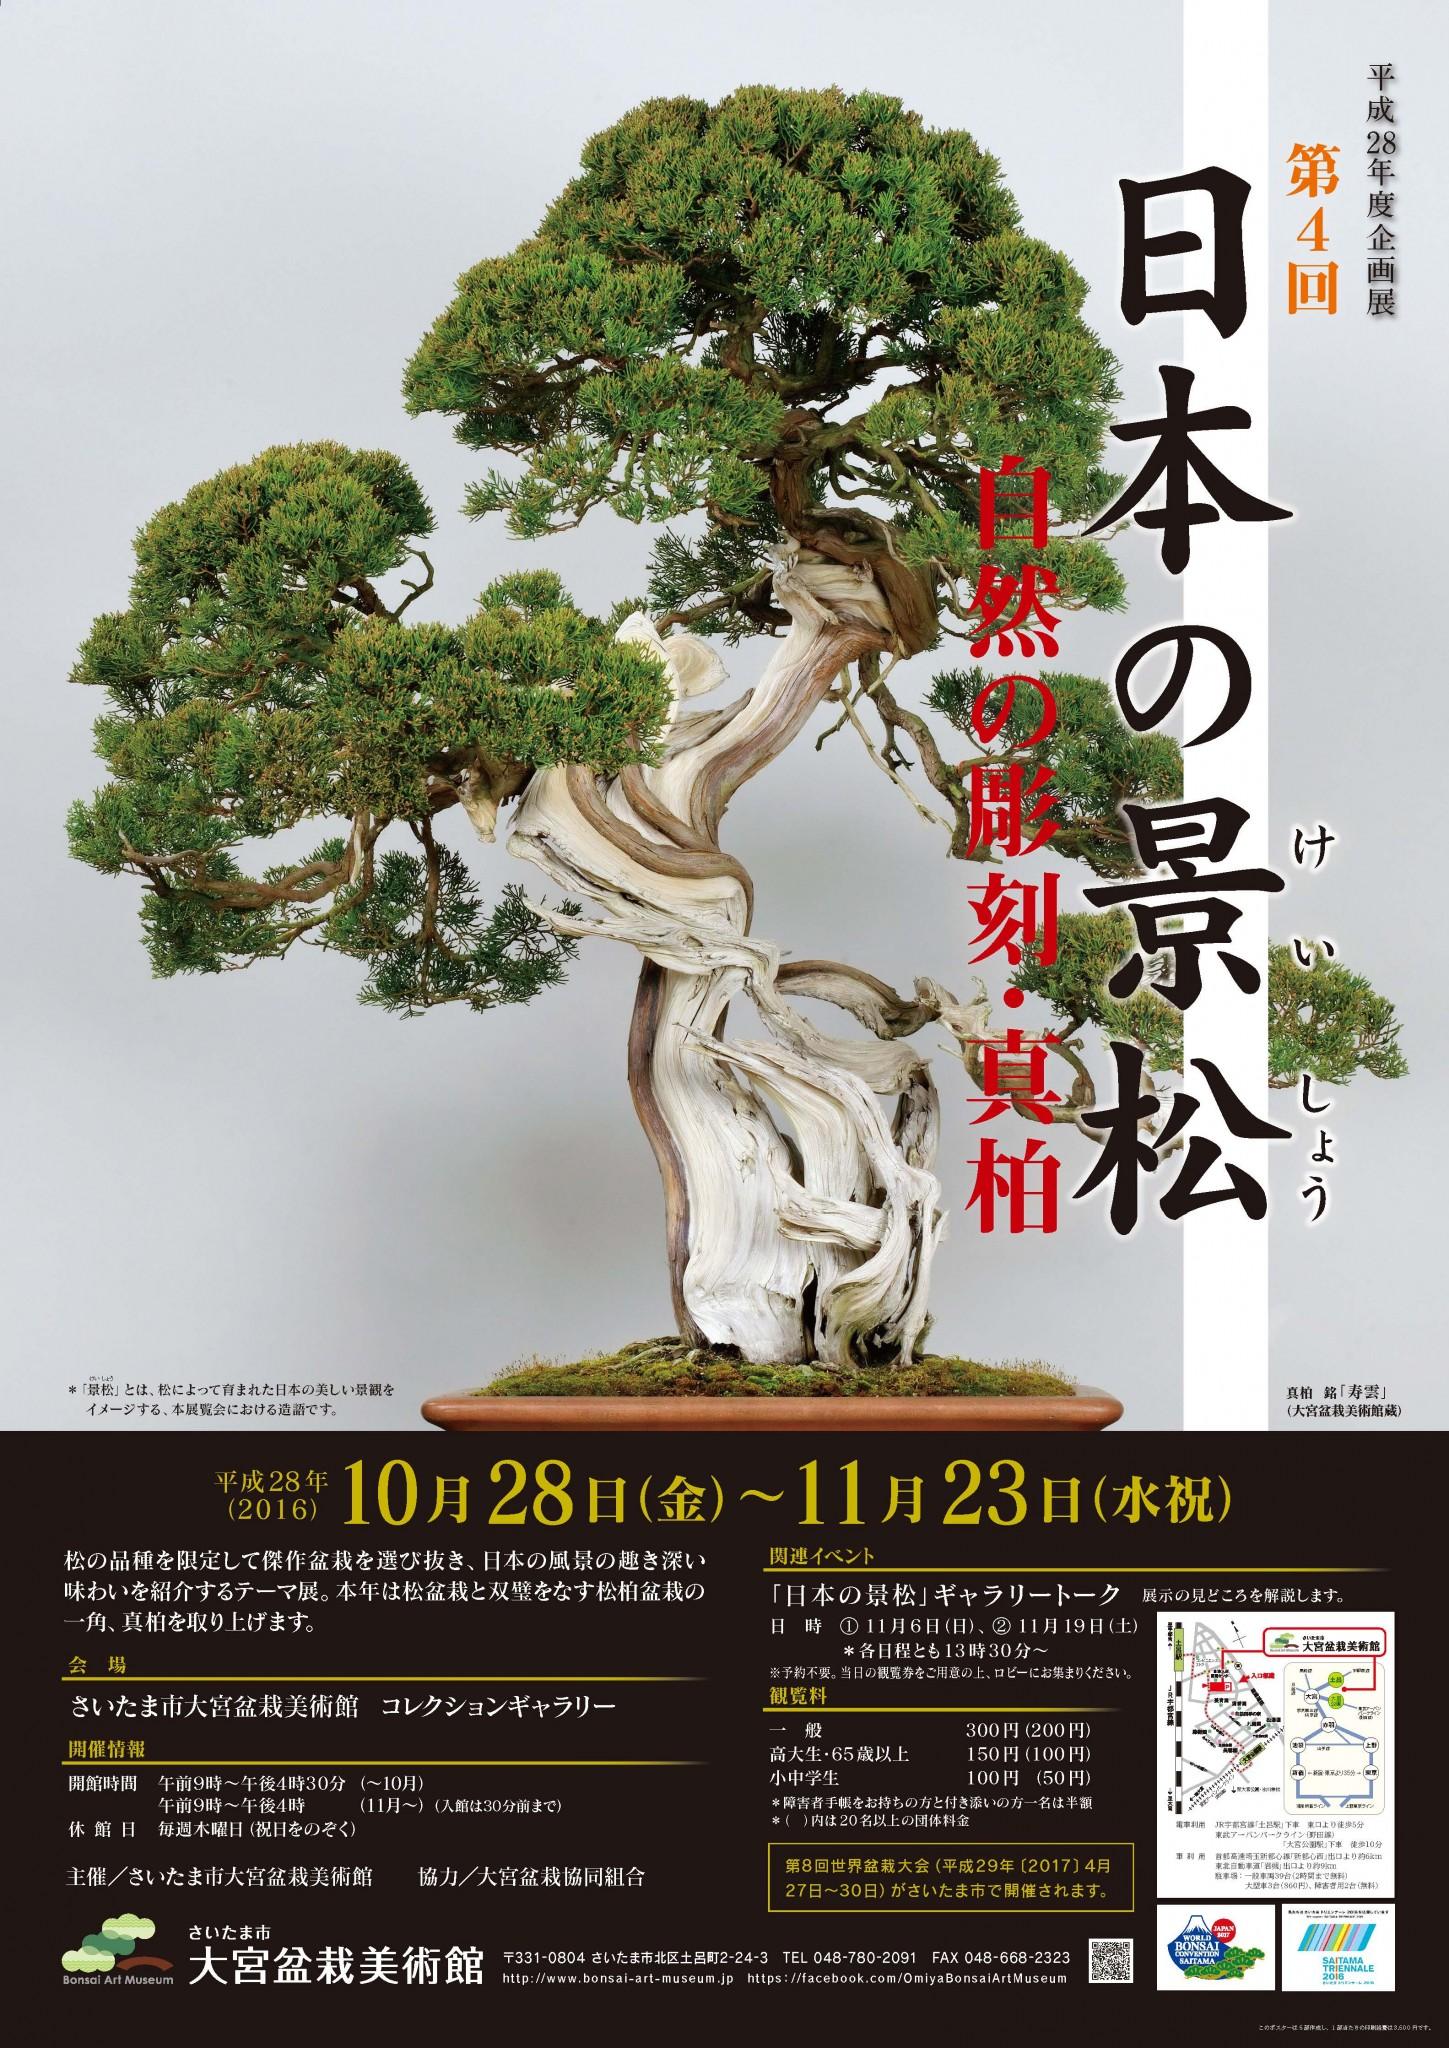 企画展「第4回 日本の景松―自然の彫刻・真柏」